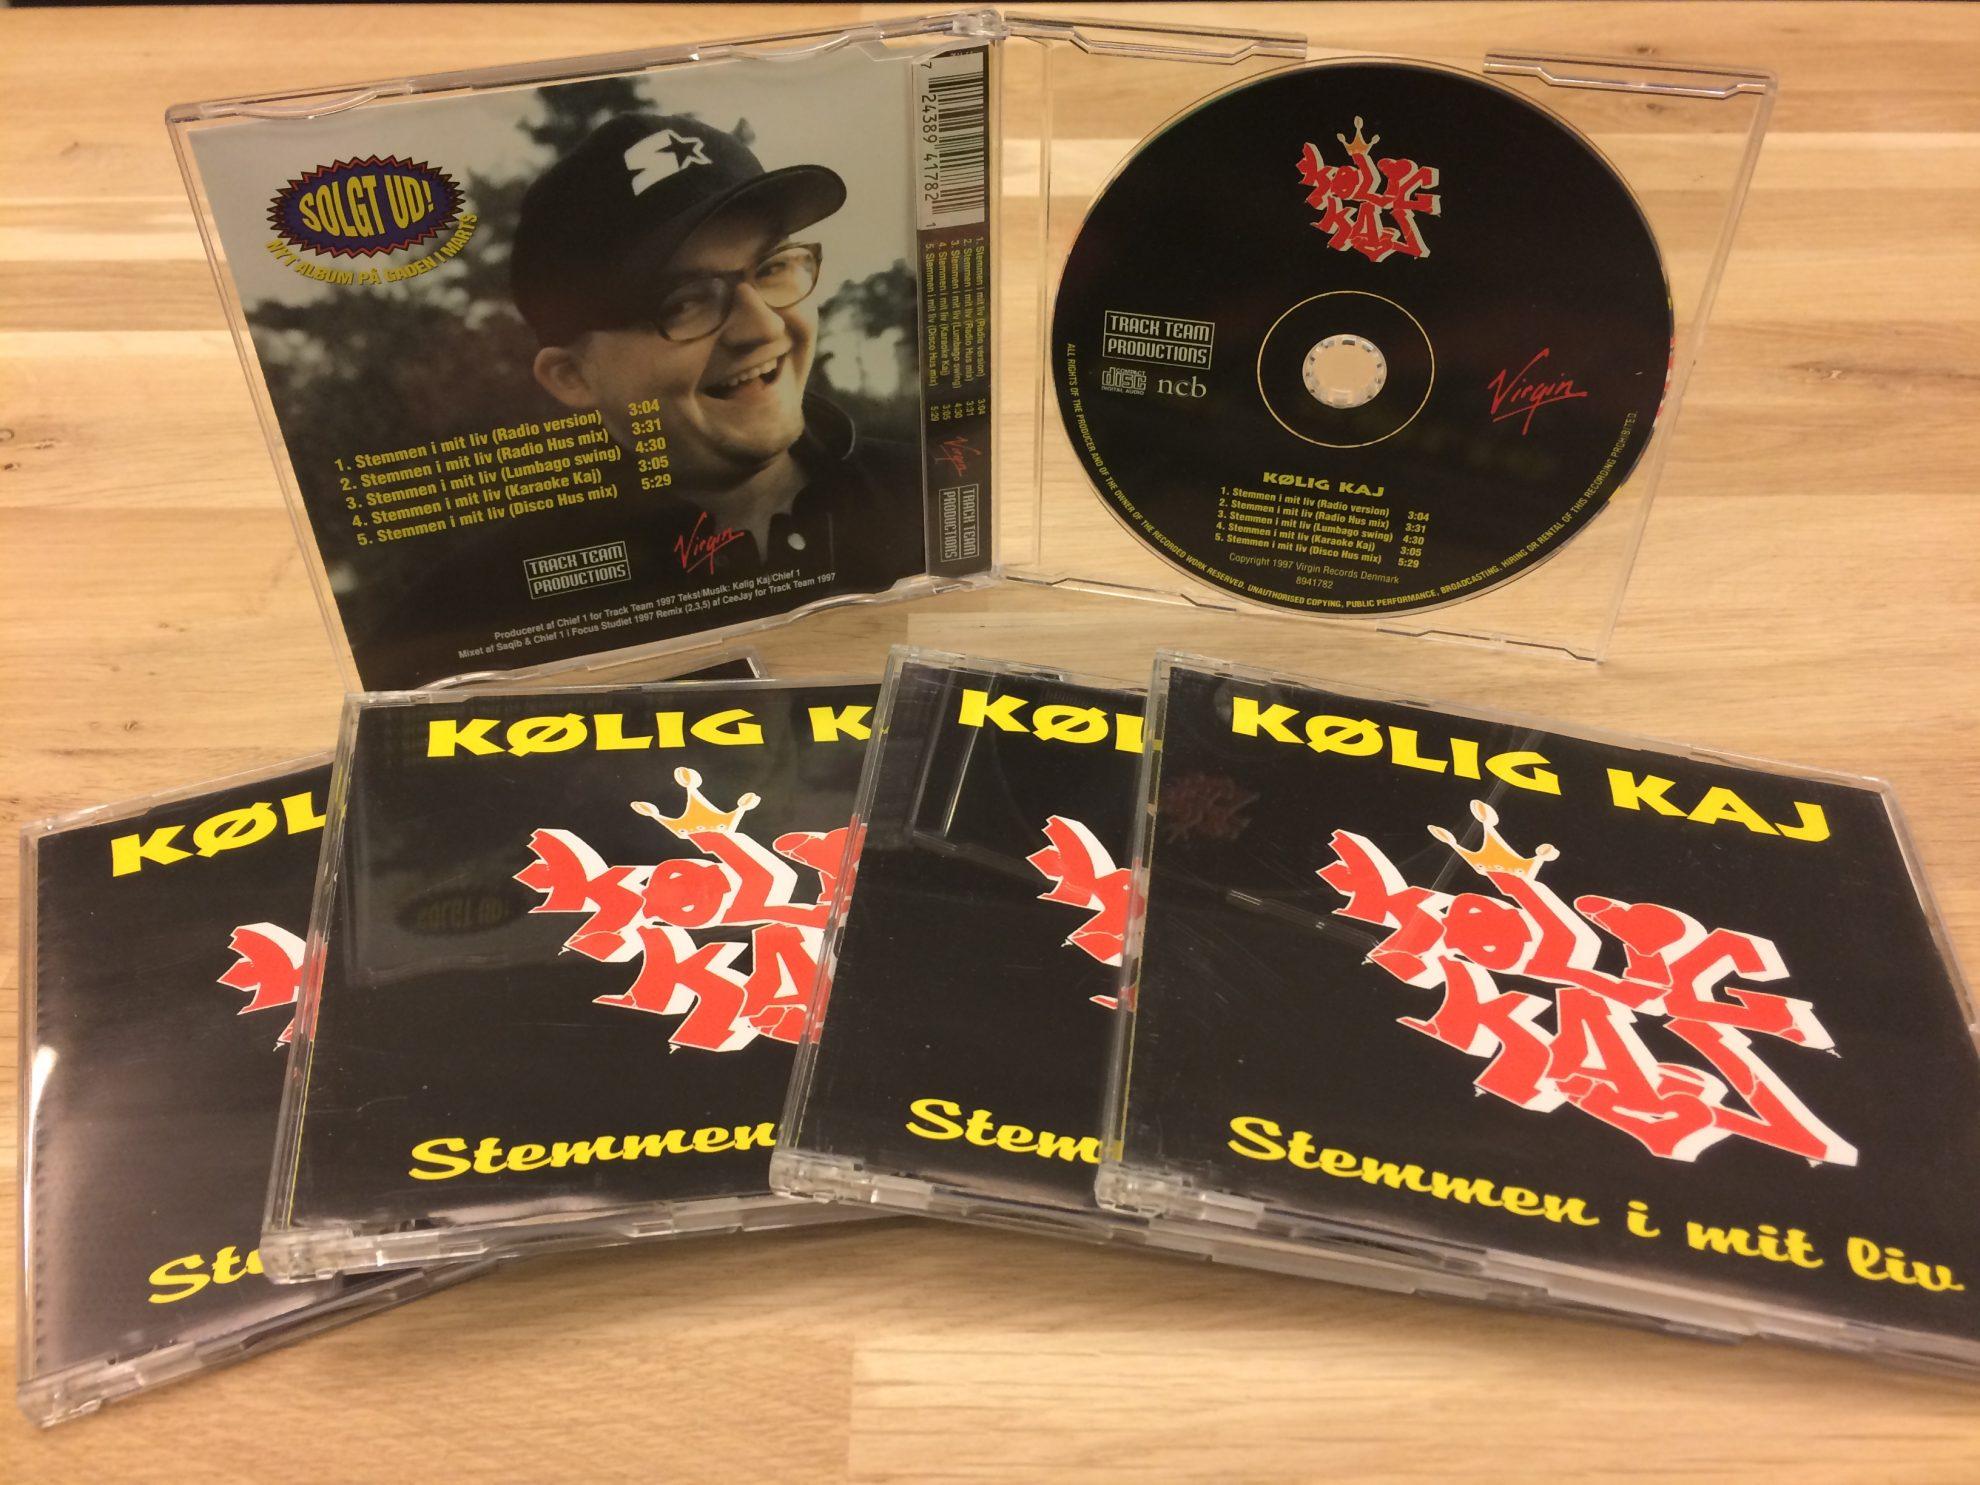 KONKURRENCE – VIND CD MED KØLIG KAJ